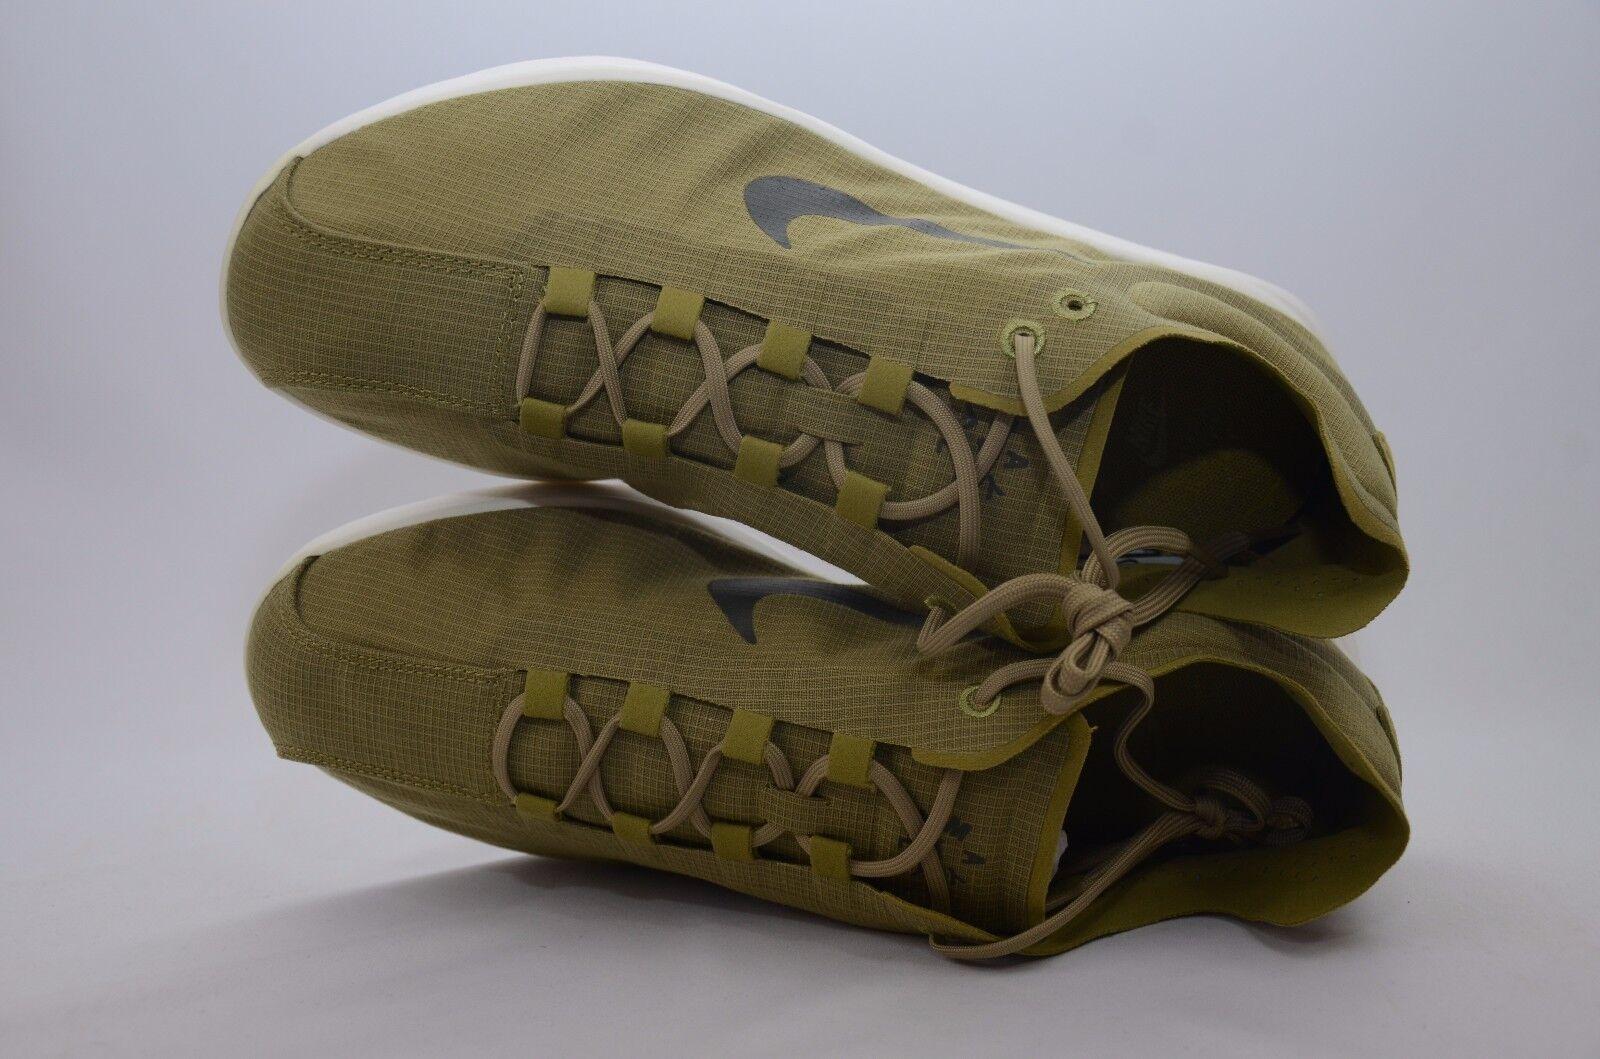 nikelab eintagsfliege lite camper 8.5-13 grüne männer - größe 8.5-13 camper new in box 909555 301 c071bb